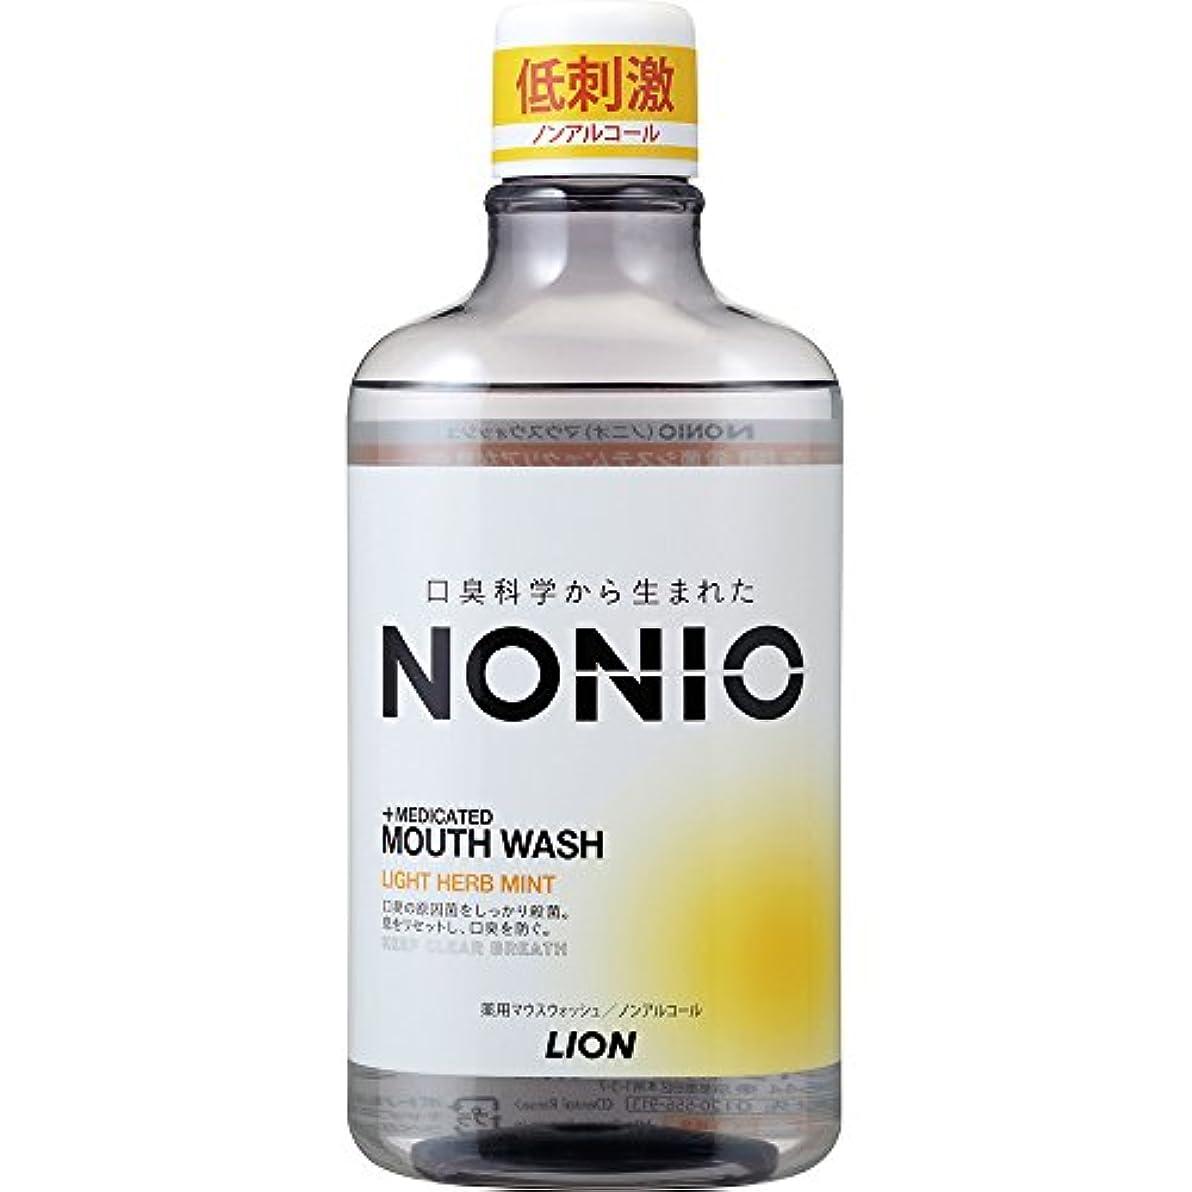 サージ摂氏財団NONIO マウスウォッシュ ノンアルコール ライトハーブミント 600ml 洗口液 (医薬部外品)